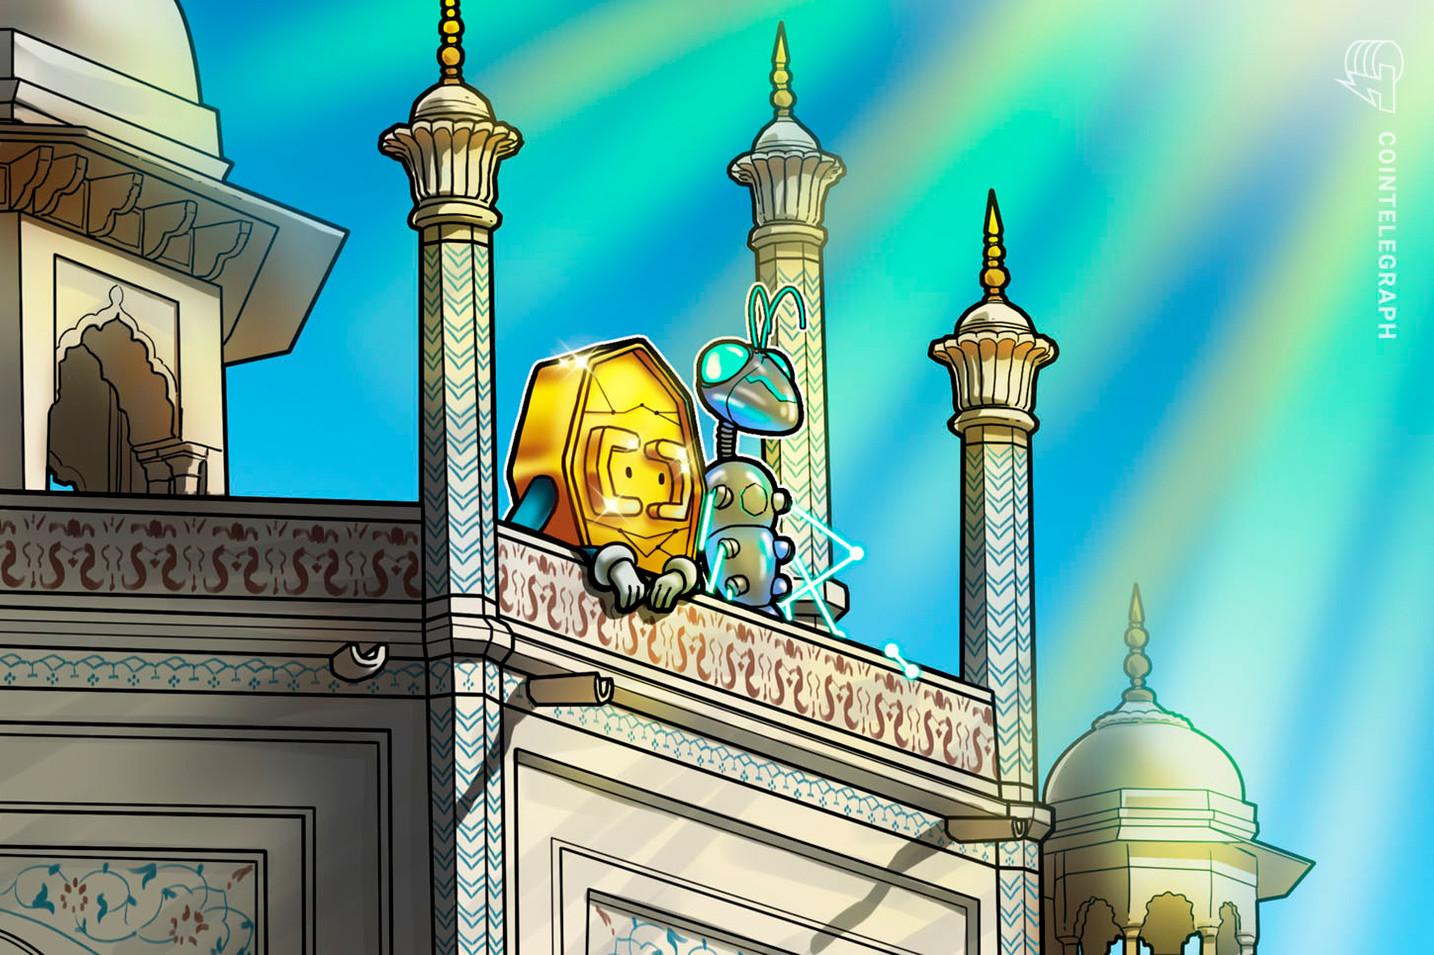 Las regulaciones inciertas bloquearían la entrada de los bancos indios a las criptomonedas